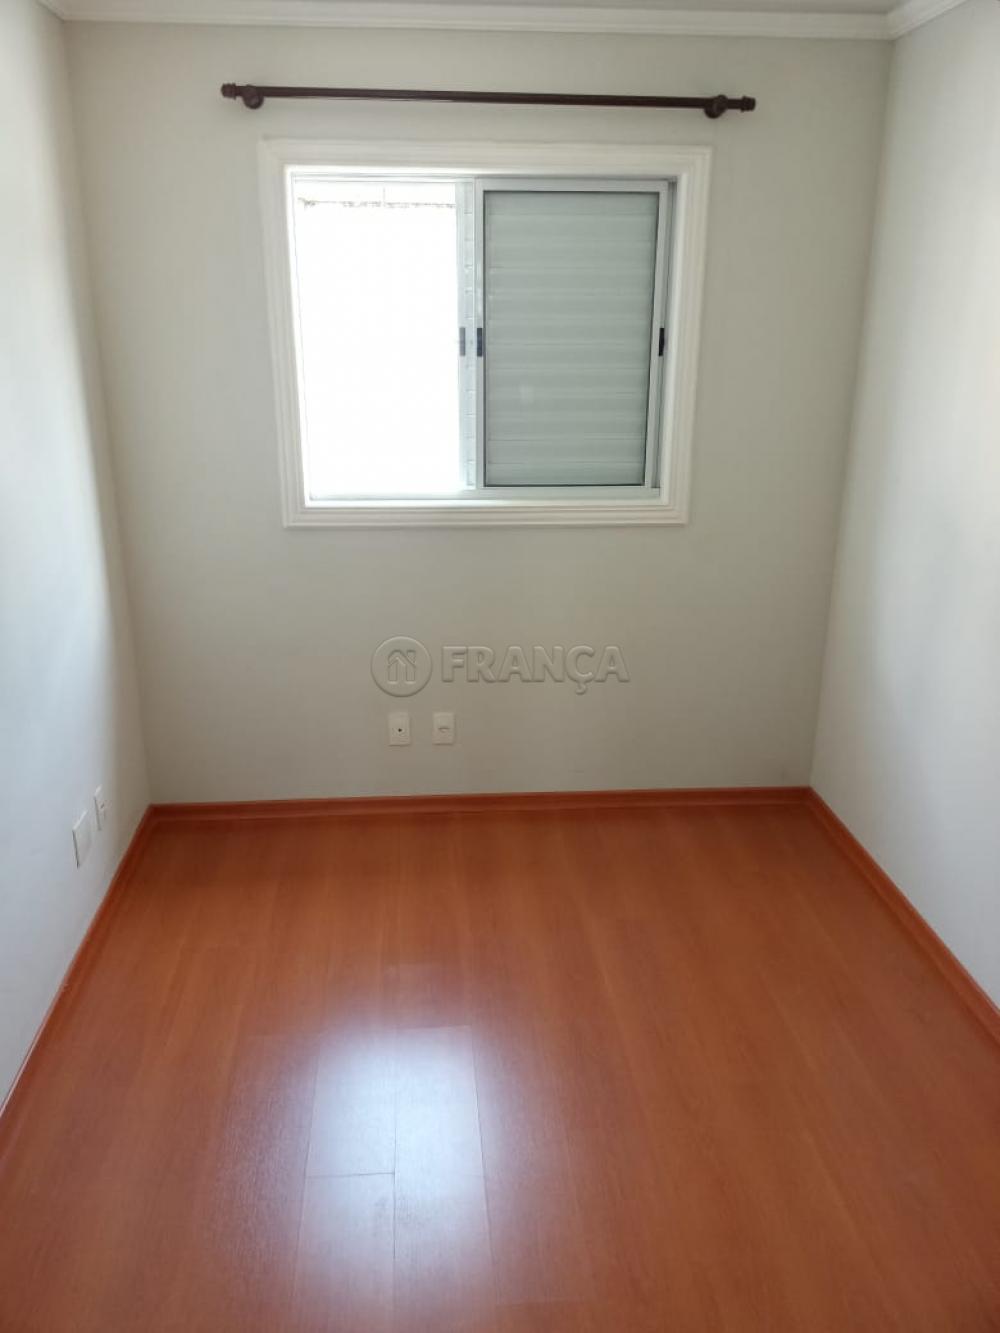 Alugar Casa / Condomínio em São José dos Campos apenas R$ 1.300,00 - Foto 22